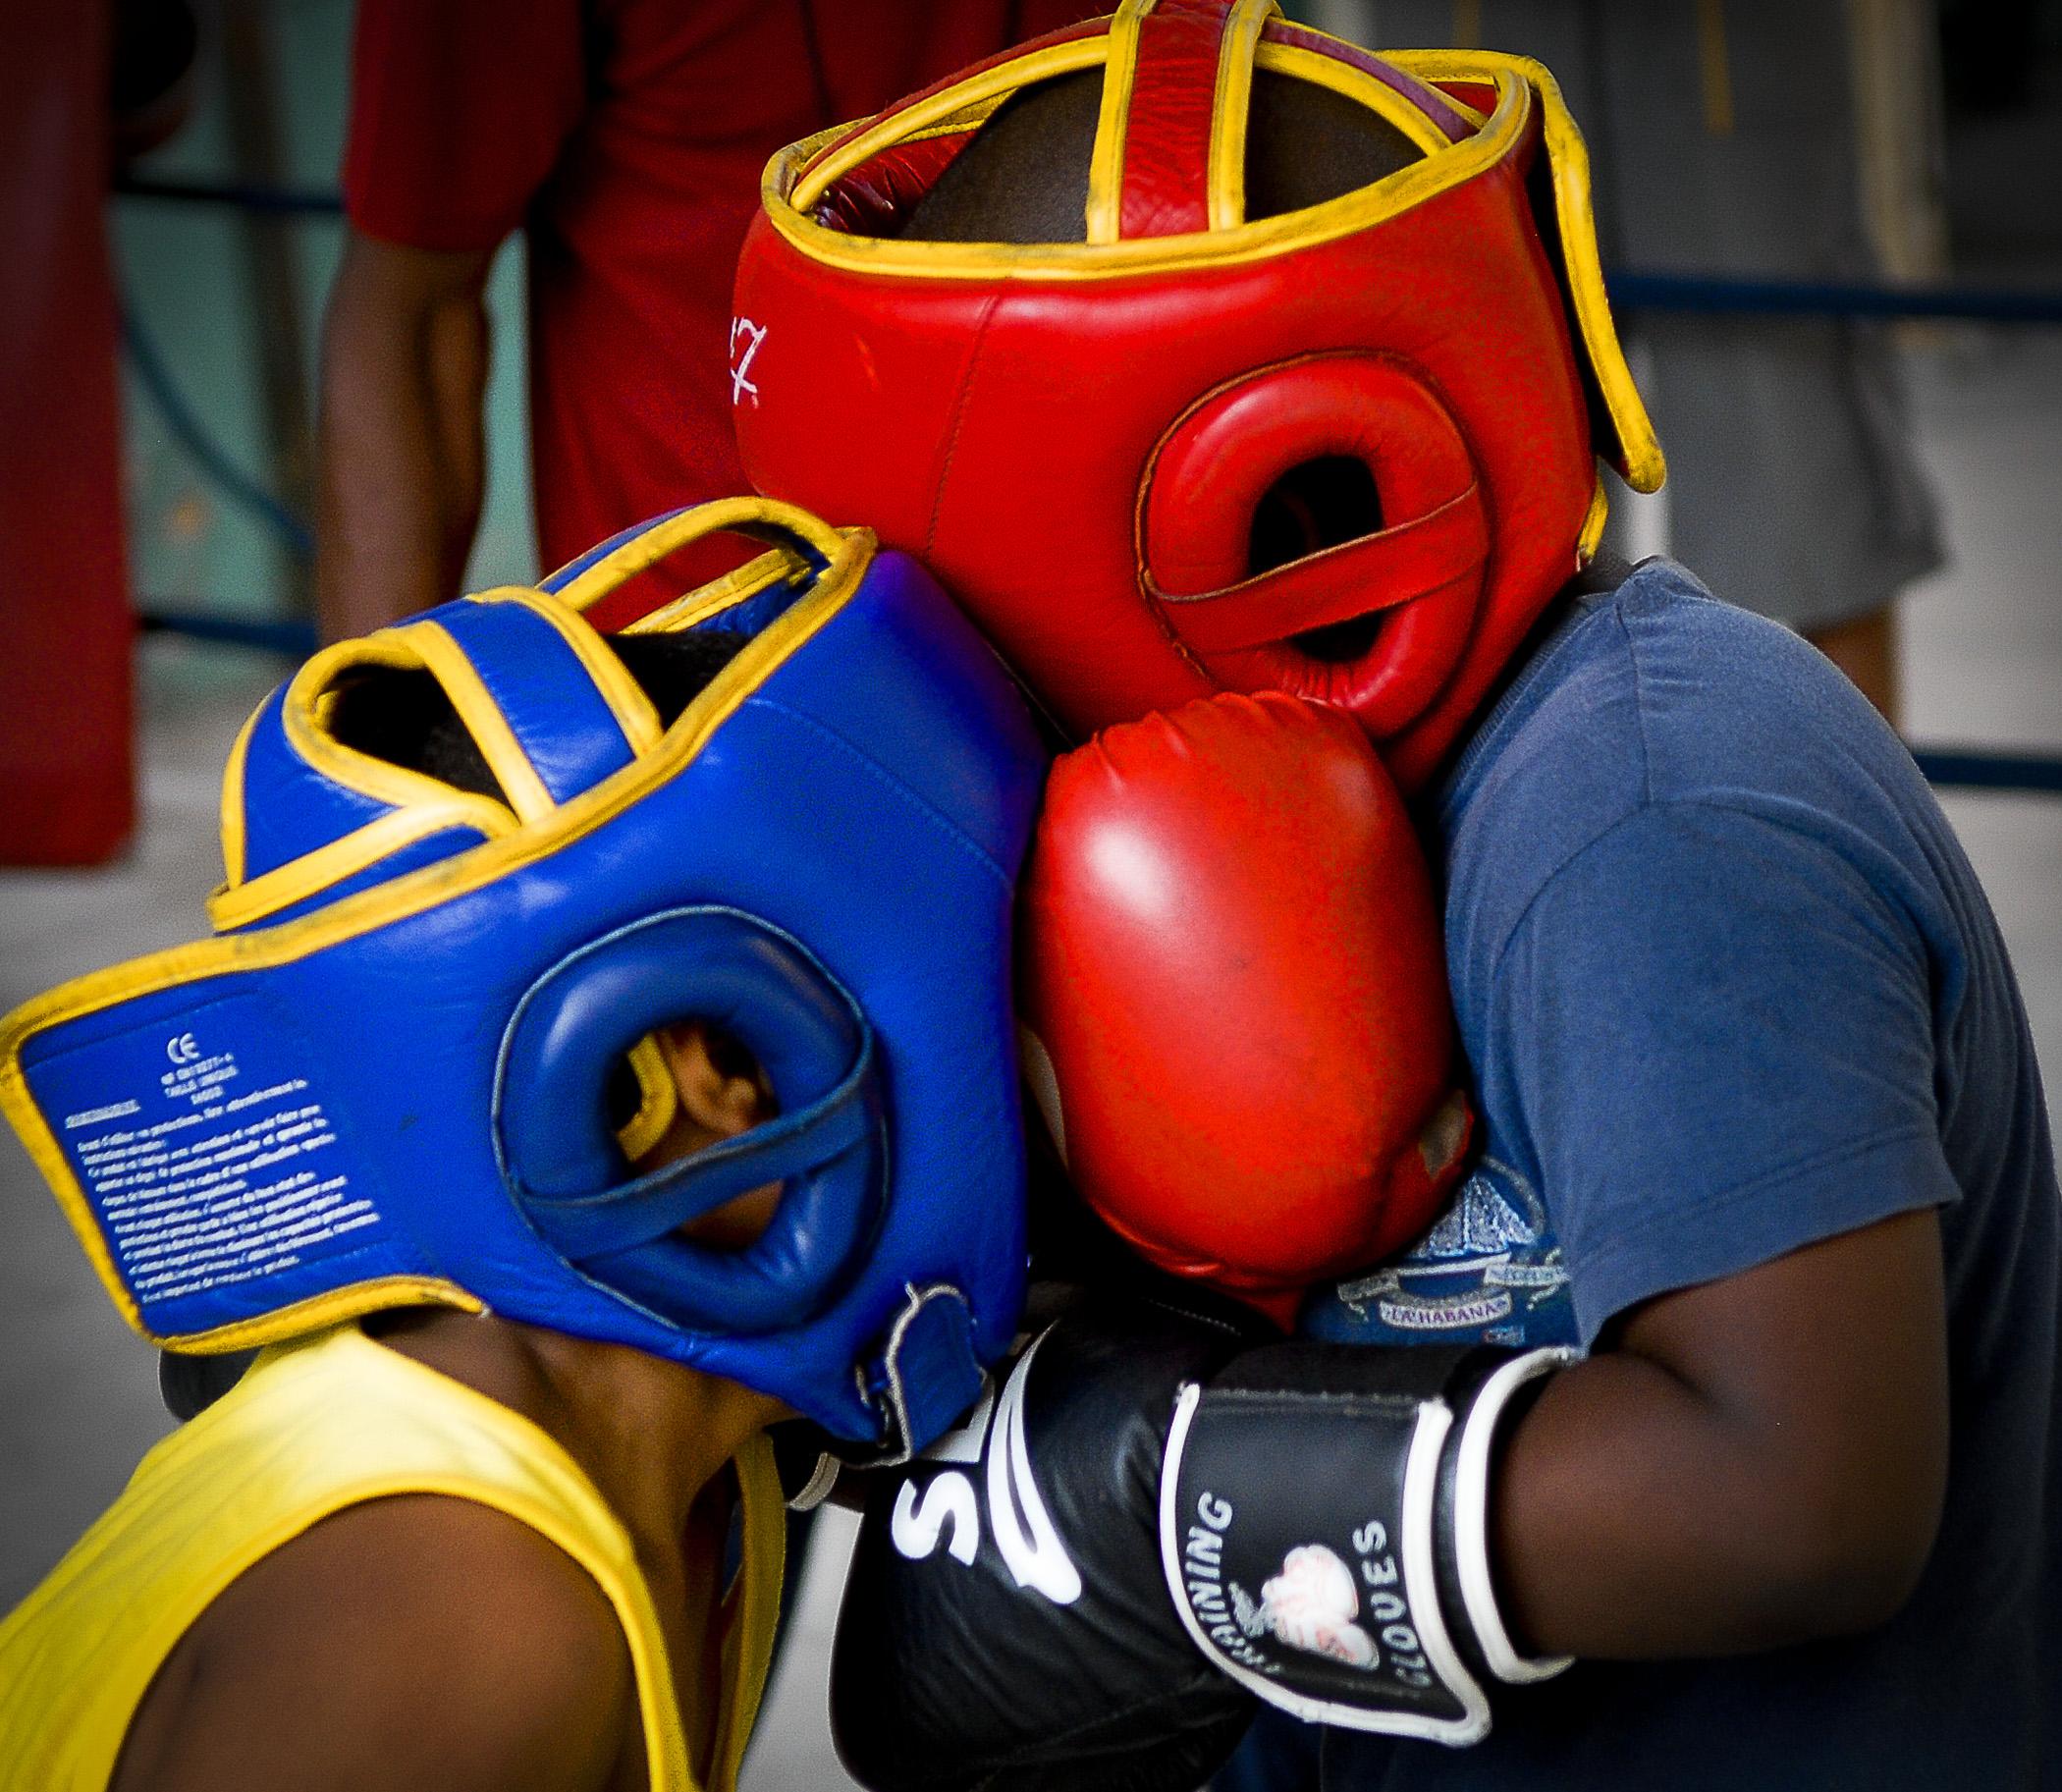 I en åpen bakgård i Cubas hovedstad Havanna ligger bokseklubben Rafael Trejo. Hver dag etter skoletid fylles bakgården av unge gutter. De drømmer om å bli proffboksere. Boksing, Cuba, sport, ungdom, barn, idrett, slå